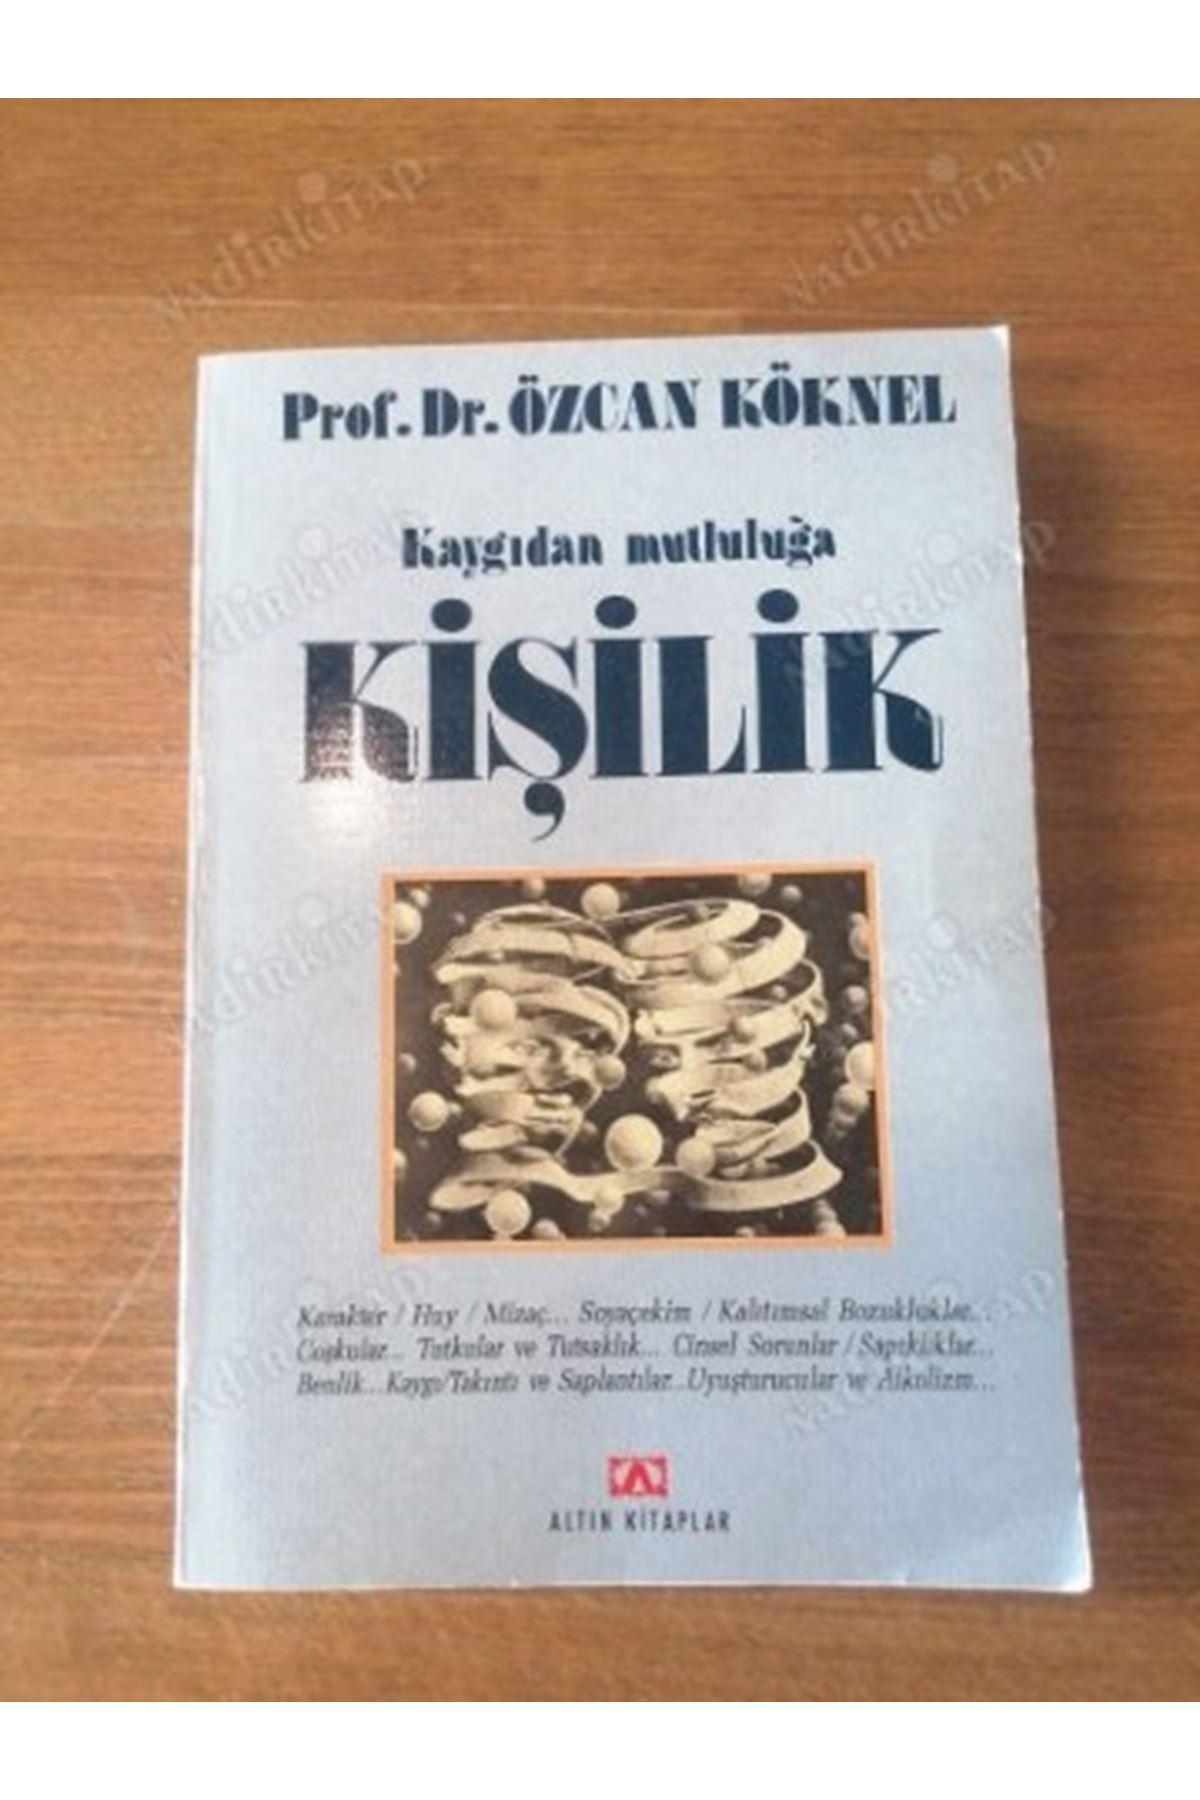 PROF. DR. ÖZCAN KÖKNEL - KAYGIDAN MUTLULUĞA KİŞİLİK